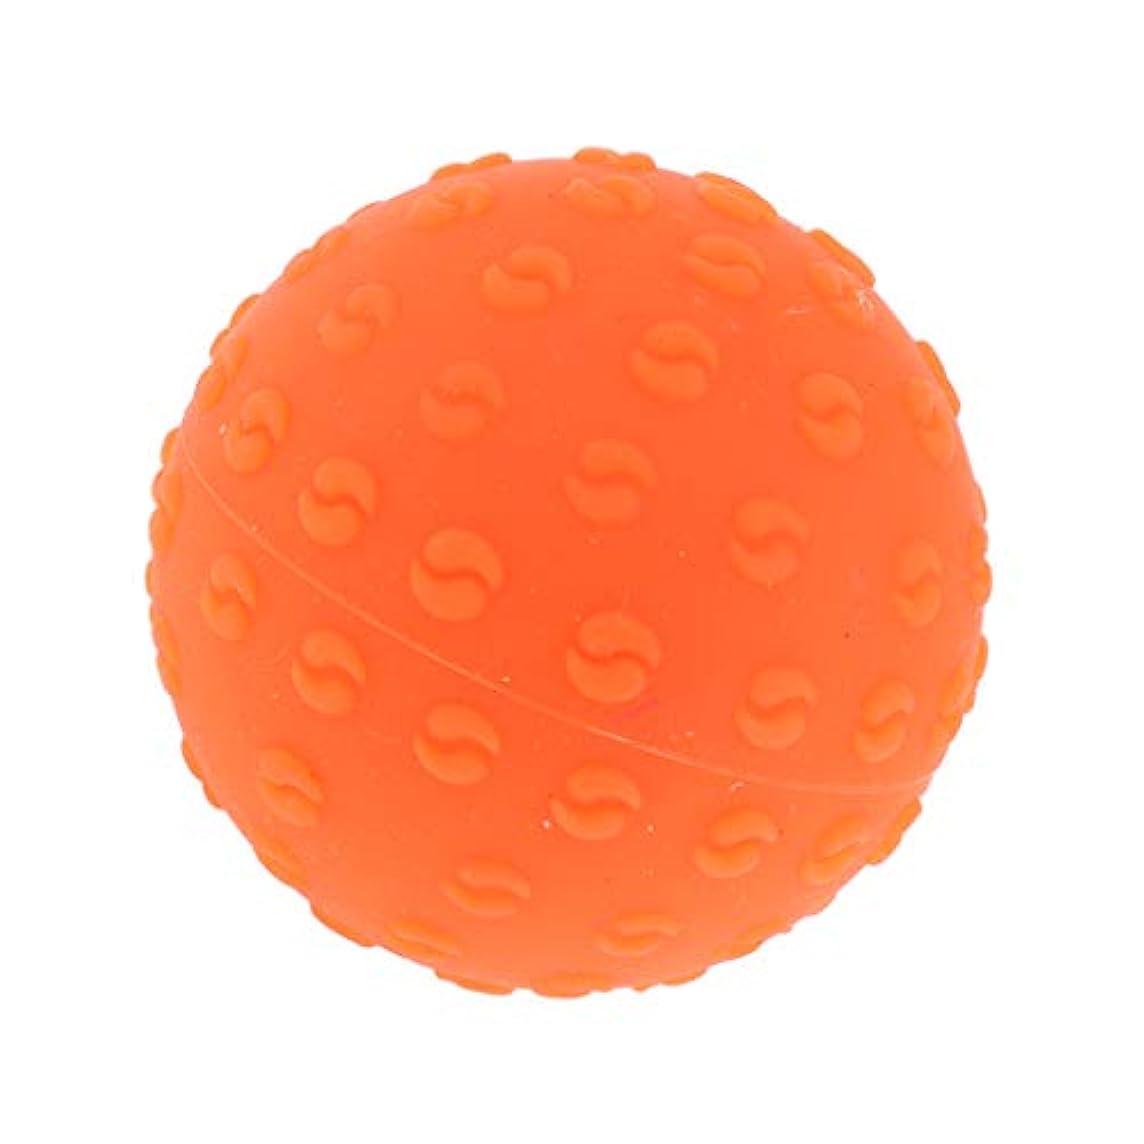 例示する弾薬バッテリーマッサージボール 指圧ボール シリコーン トリガーポイント 足底筋膜炎 ヨガ マッサージ器 全6色 - オレンジ, 説明のとおり